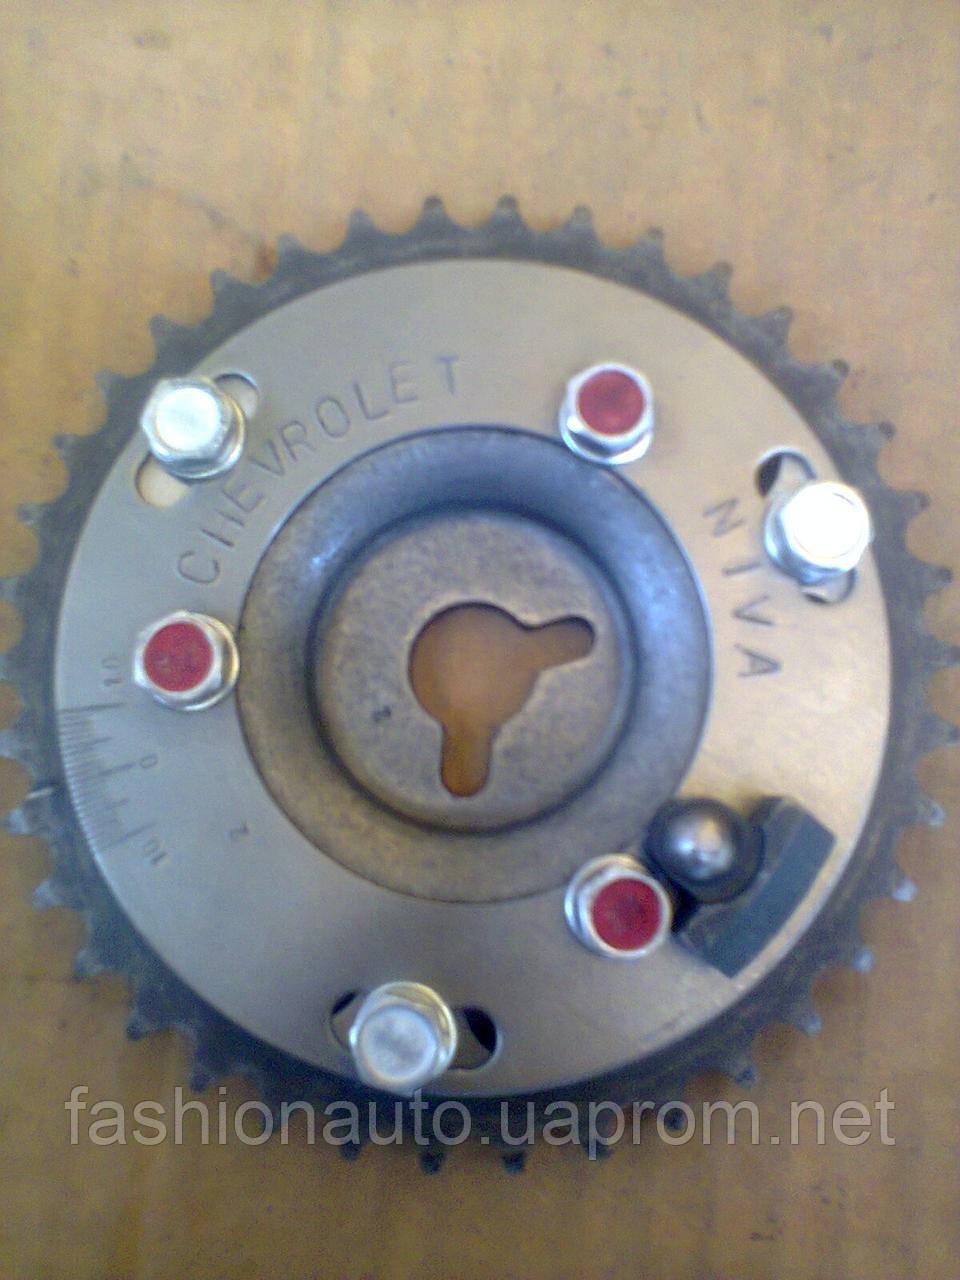 Разрезная шестерня для двигателей с однорядной цепью ВАЗ 2123-21214